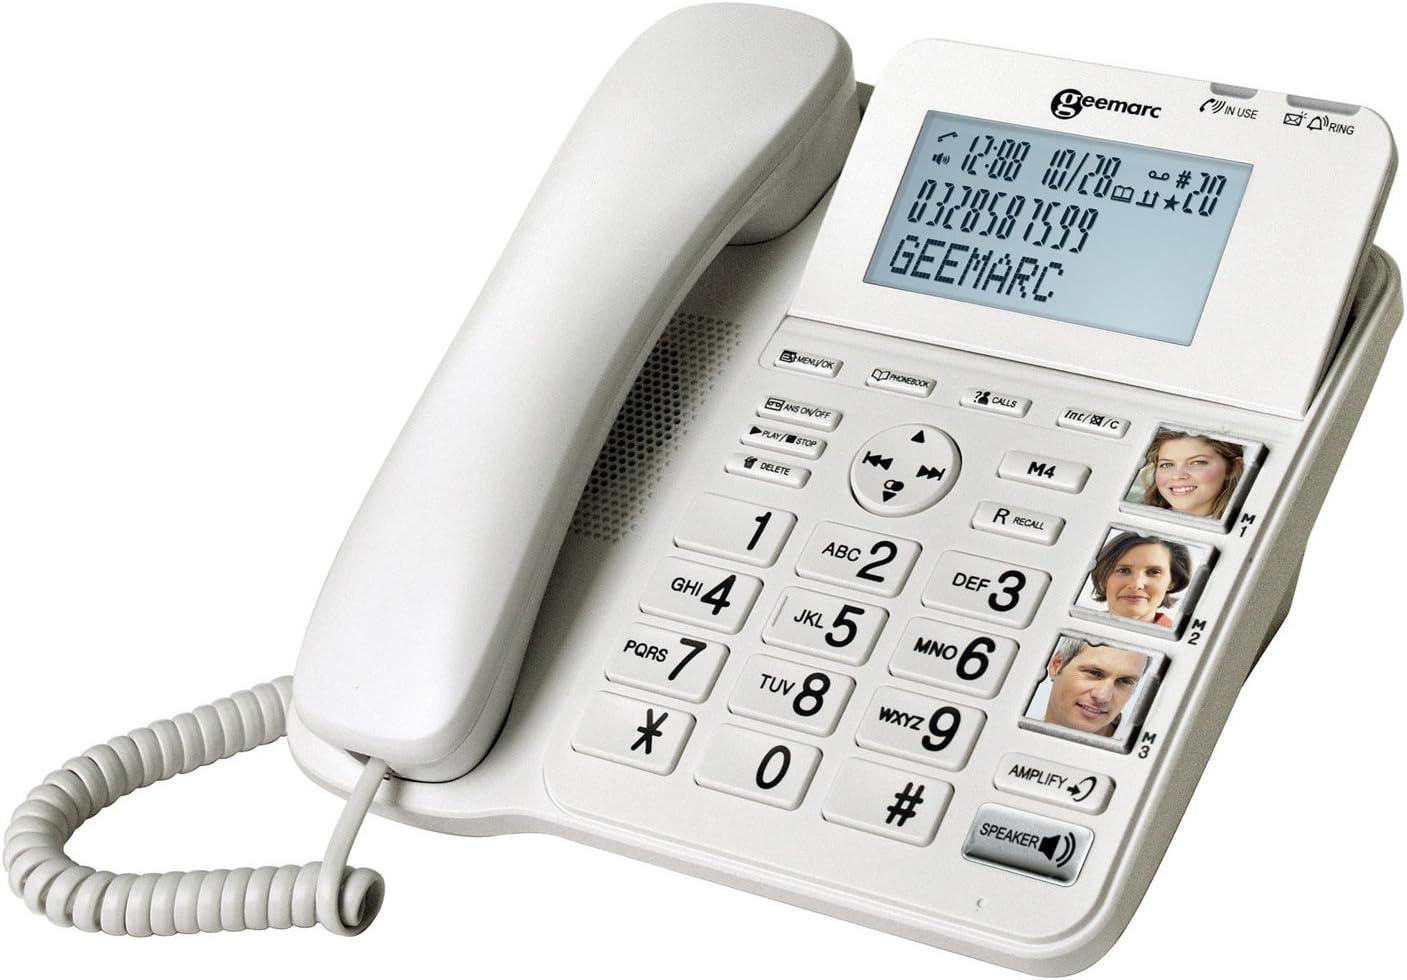 Geemarc Amplidect Combi 295 Combo Seniorentelefon Schnurgebunden Anrufbeantworter Und Zusatz Dect Telefon Deutsche Version Elektronik